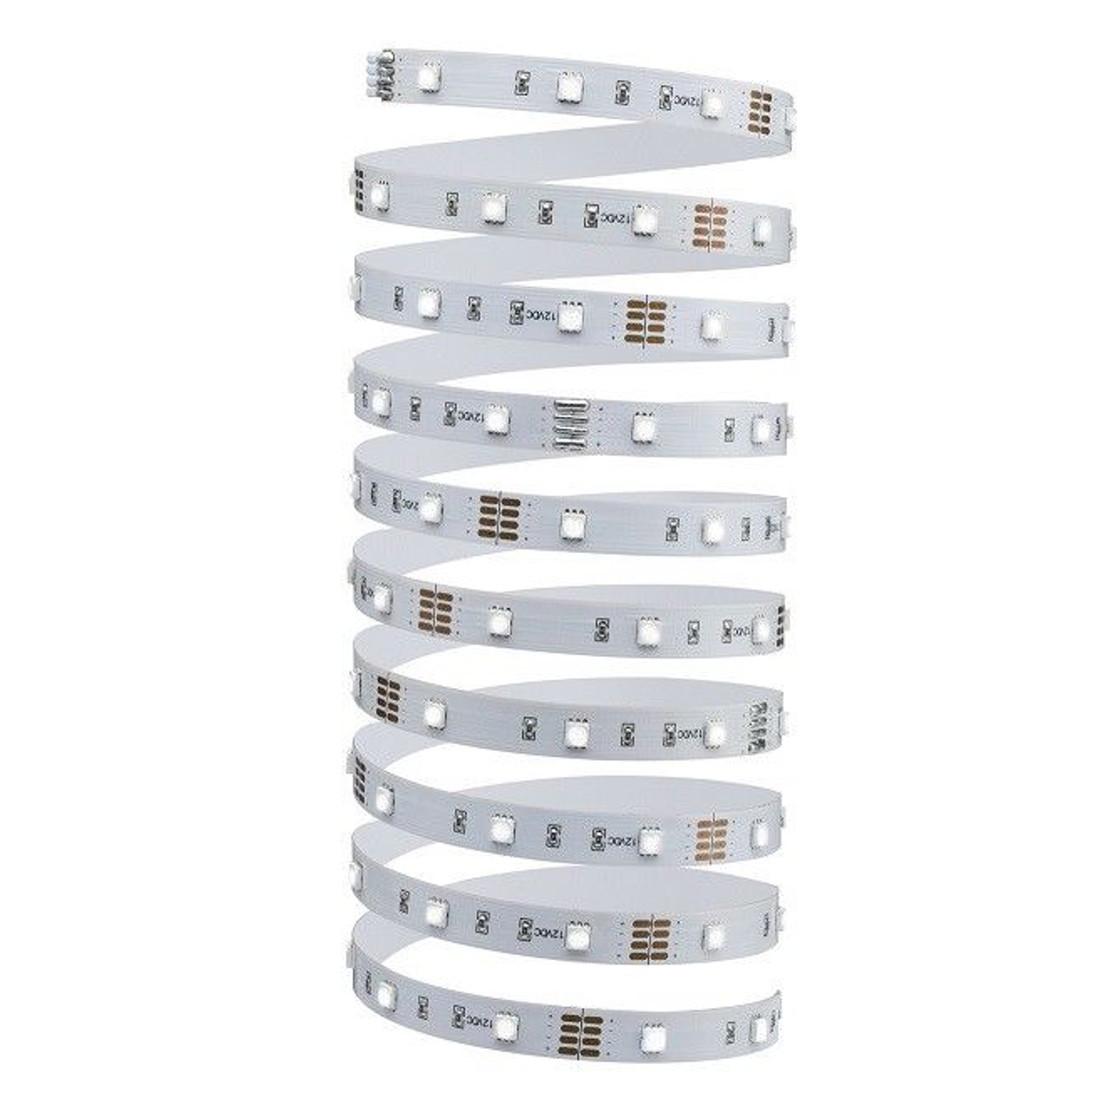 paulmann blacklight led stripe set 3m 21 6w 230 12v led band k 19 99. Black Bedroom Furniture Sets. Home Design Ideas